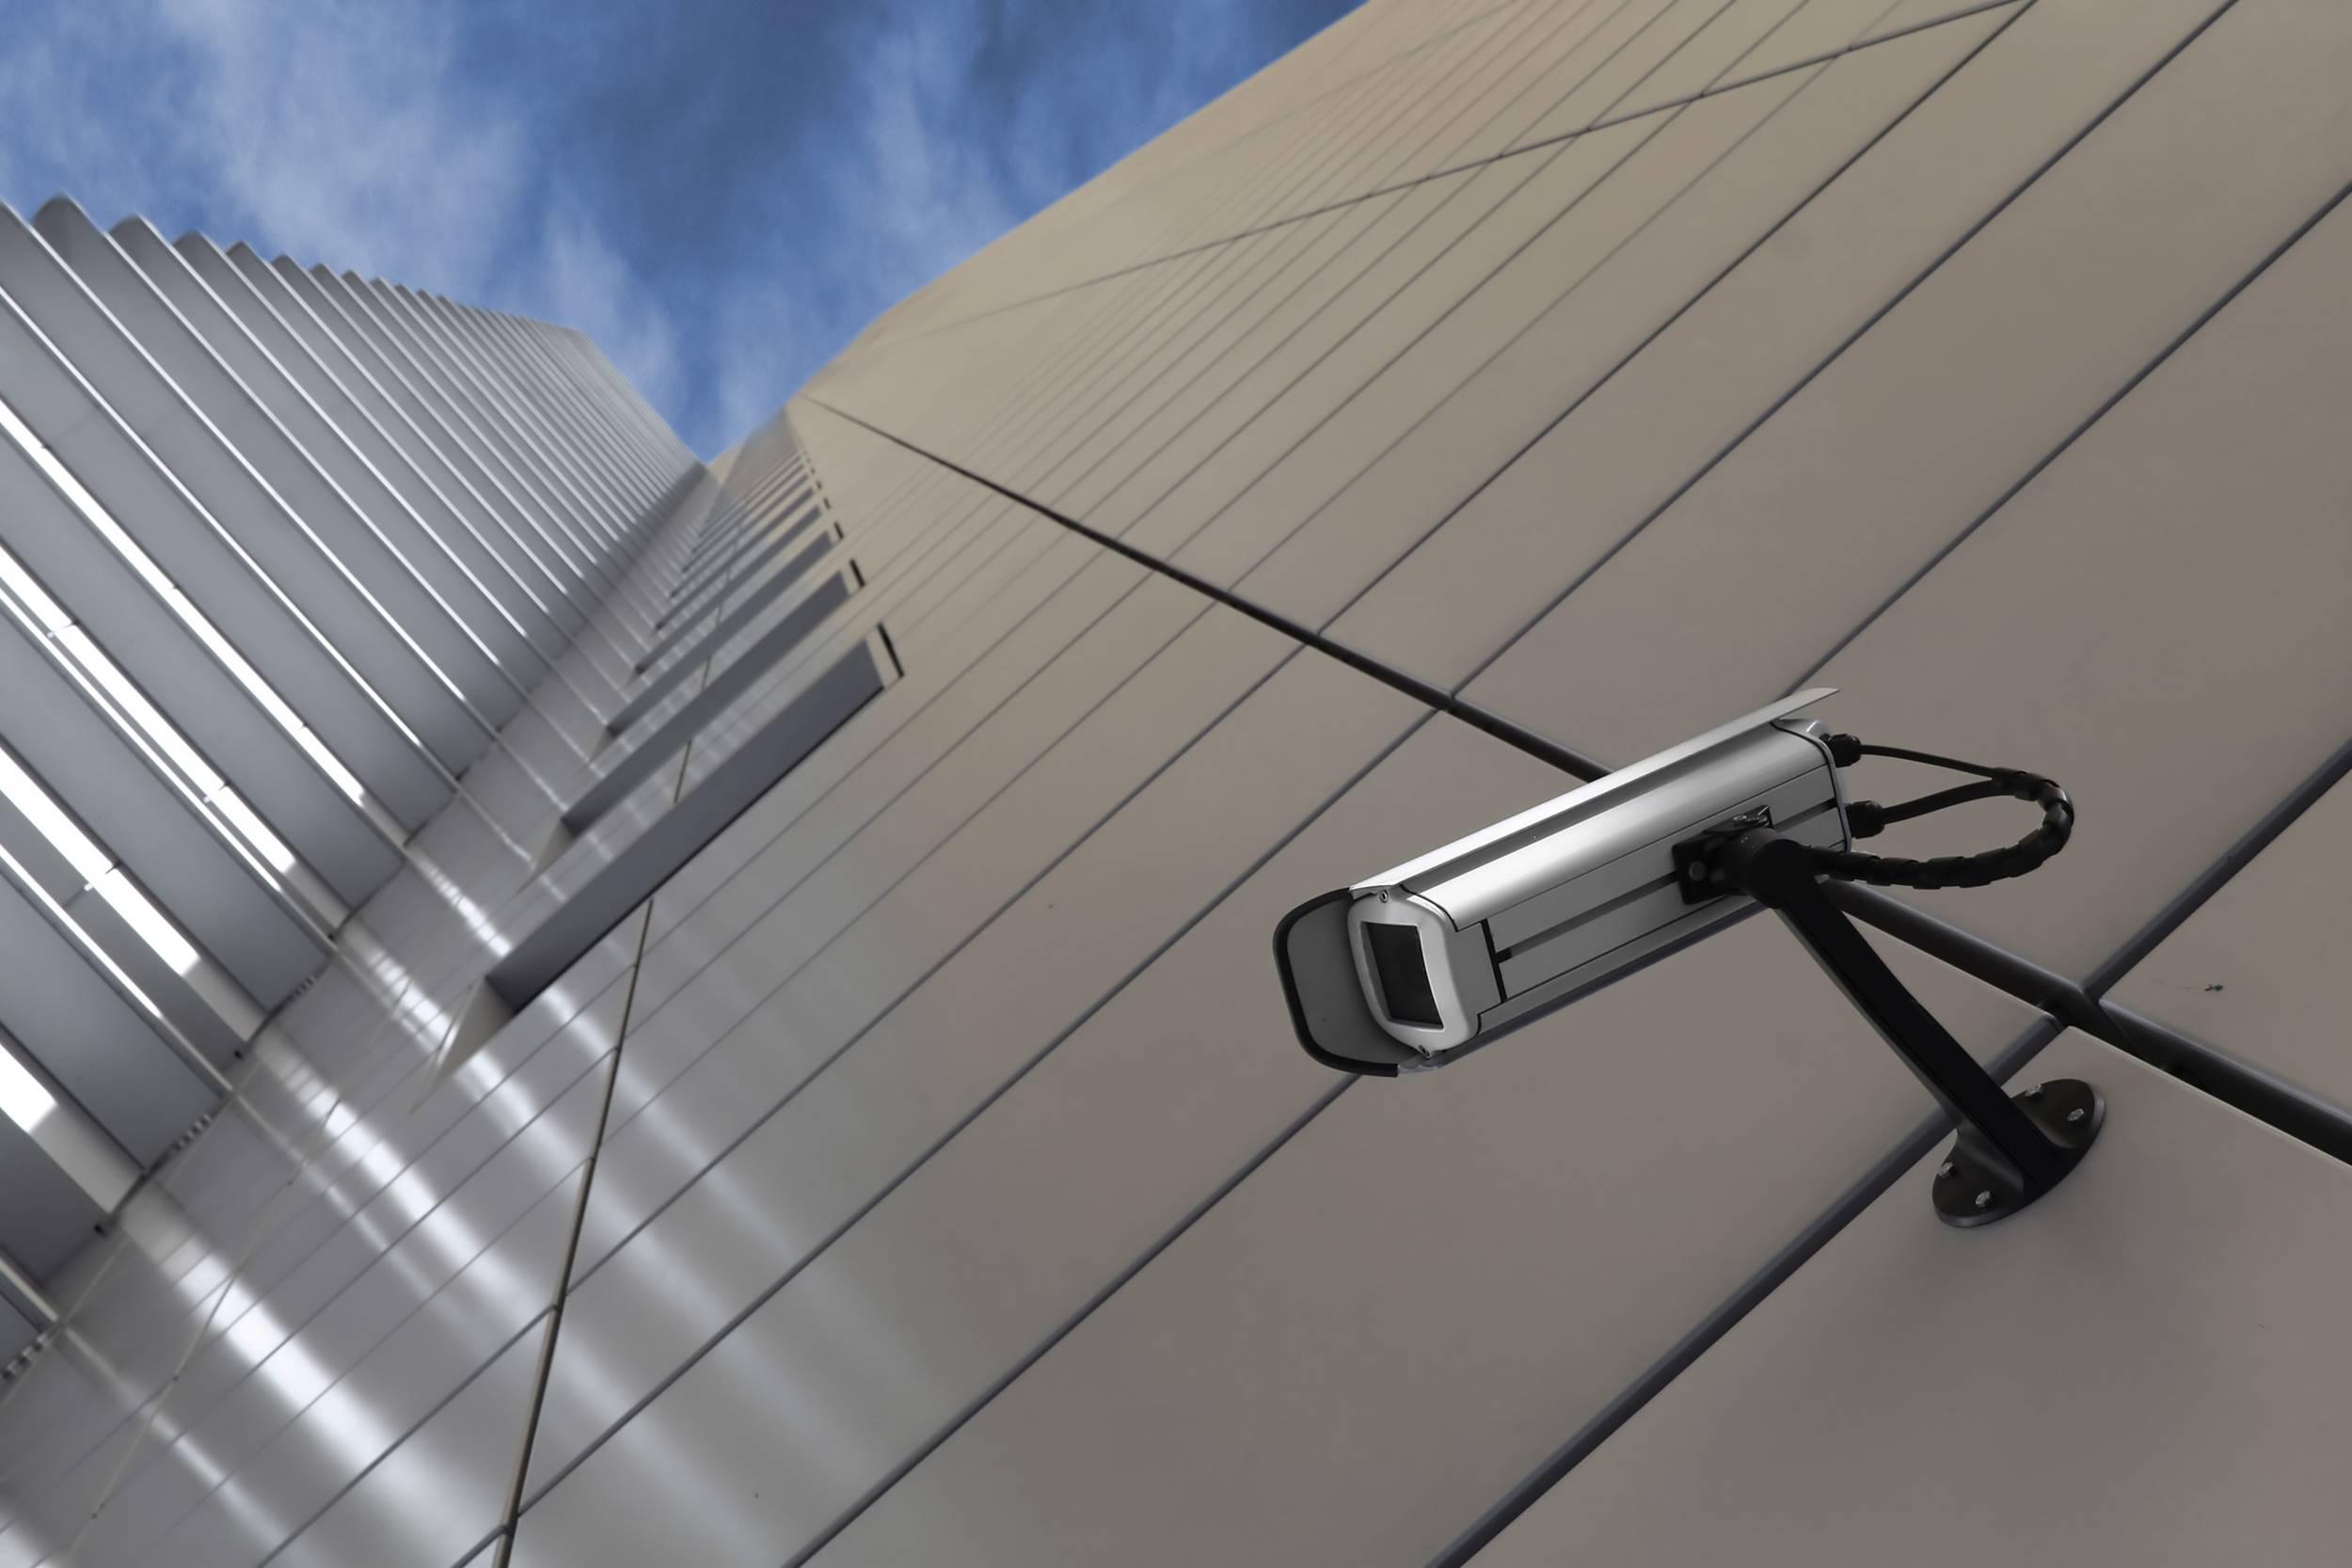 traitement de vidéosurveillance